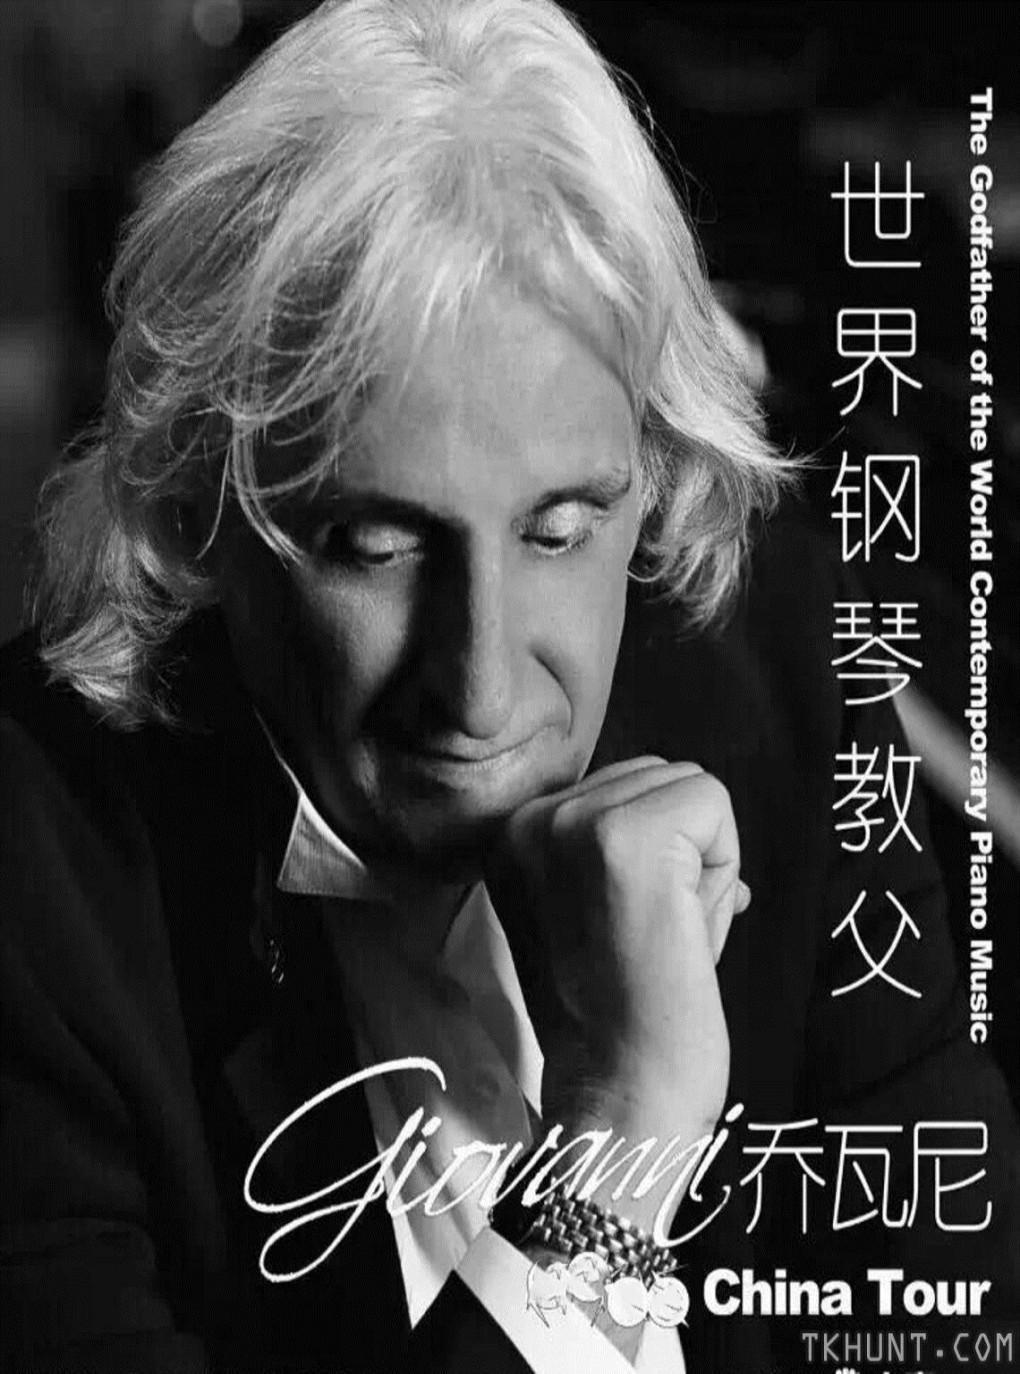 乔瓦尼钢琴独奏音乐会